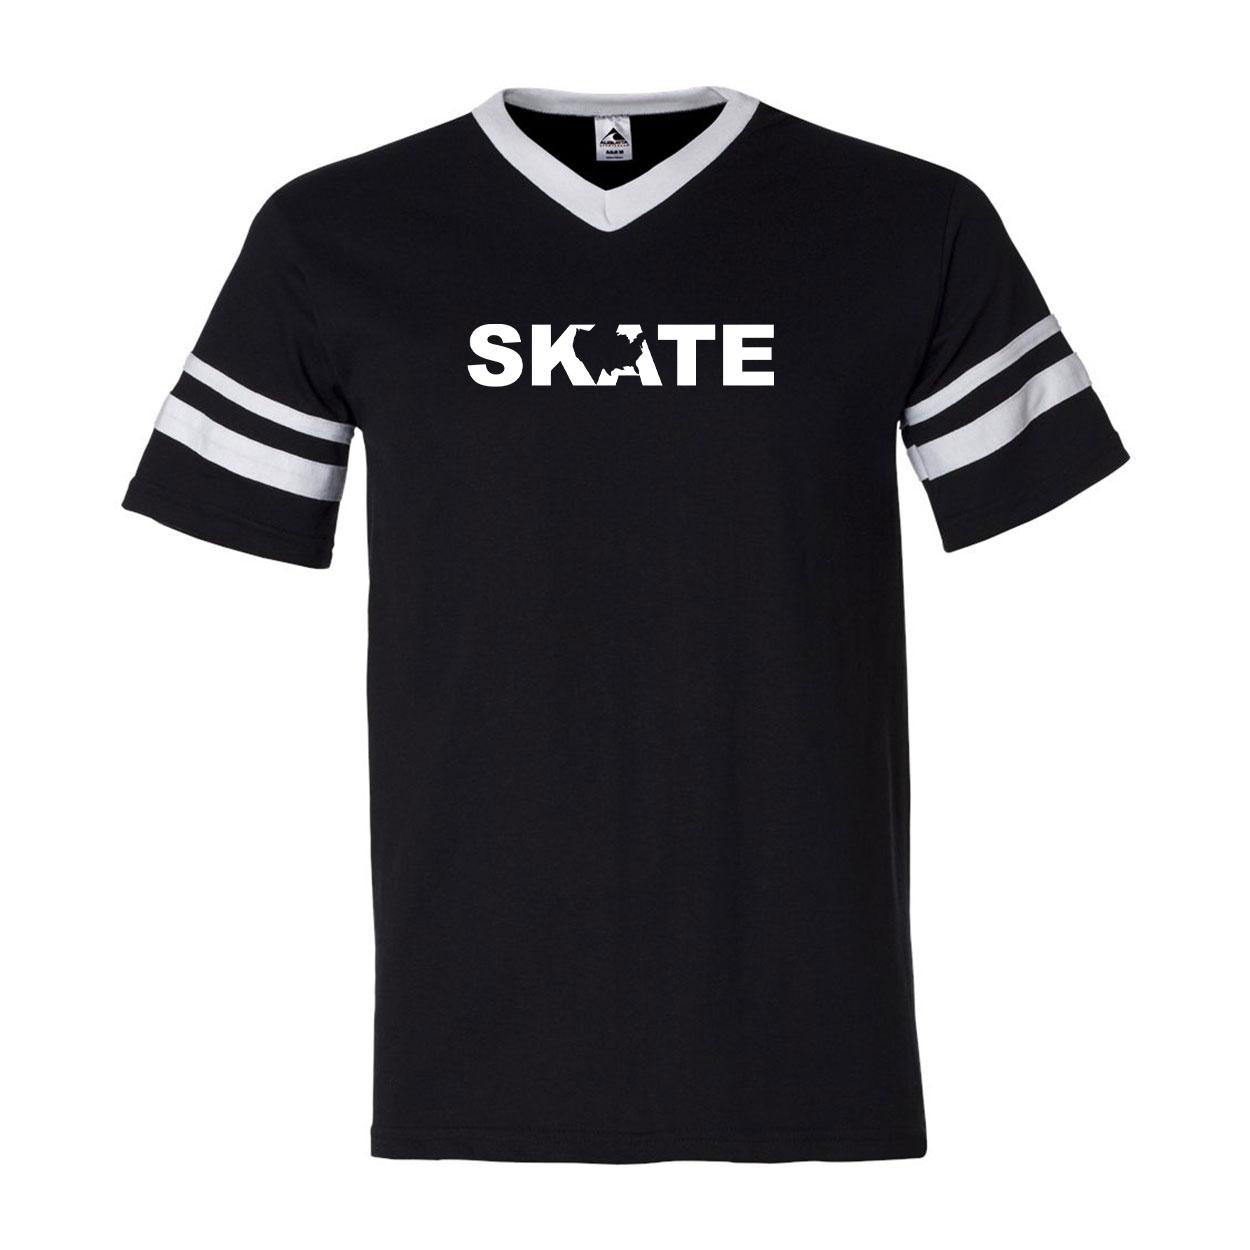 Skate United States Classic Premium Striped Jersey T-Shirt Black/White (White Logo)